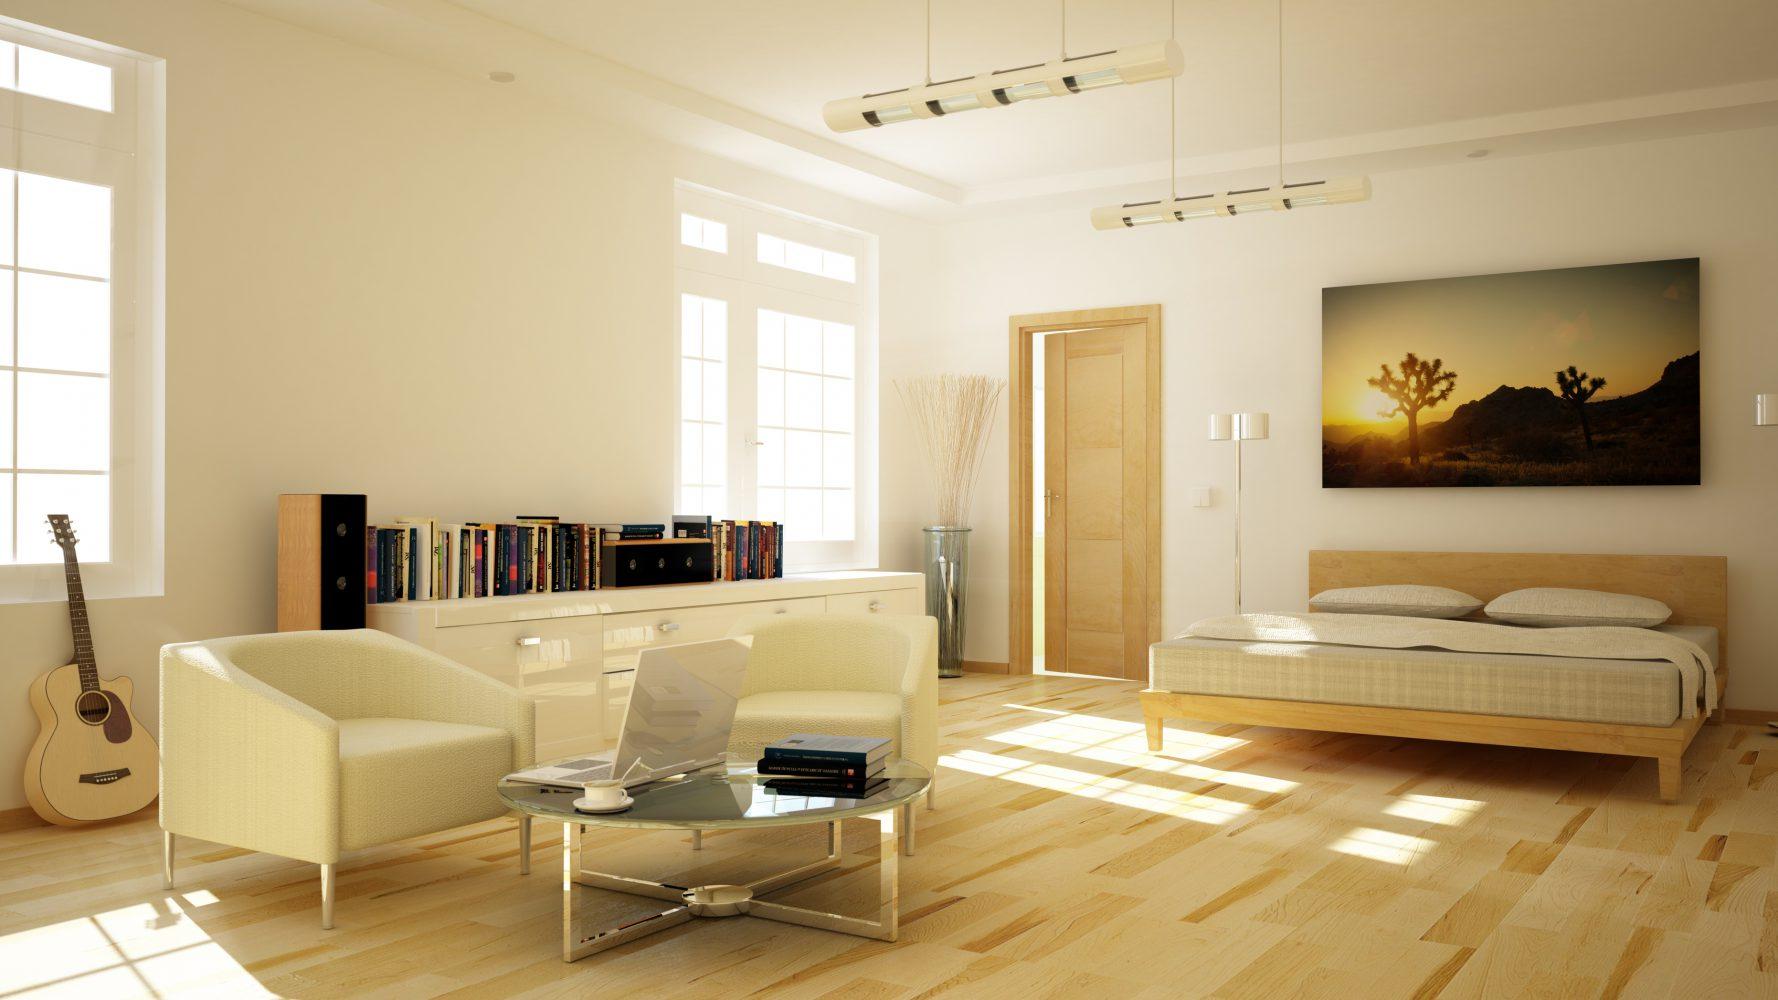 gardinen wiesbaden gardinen m rollsystem gardinen jalousien aus wiesbaden ikea kvartal. Black Bedroom Furniture Sets. Home Design Ideas